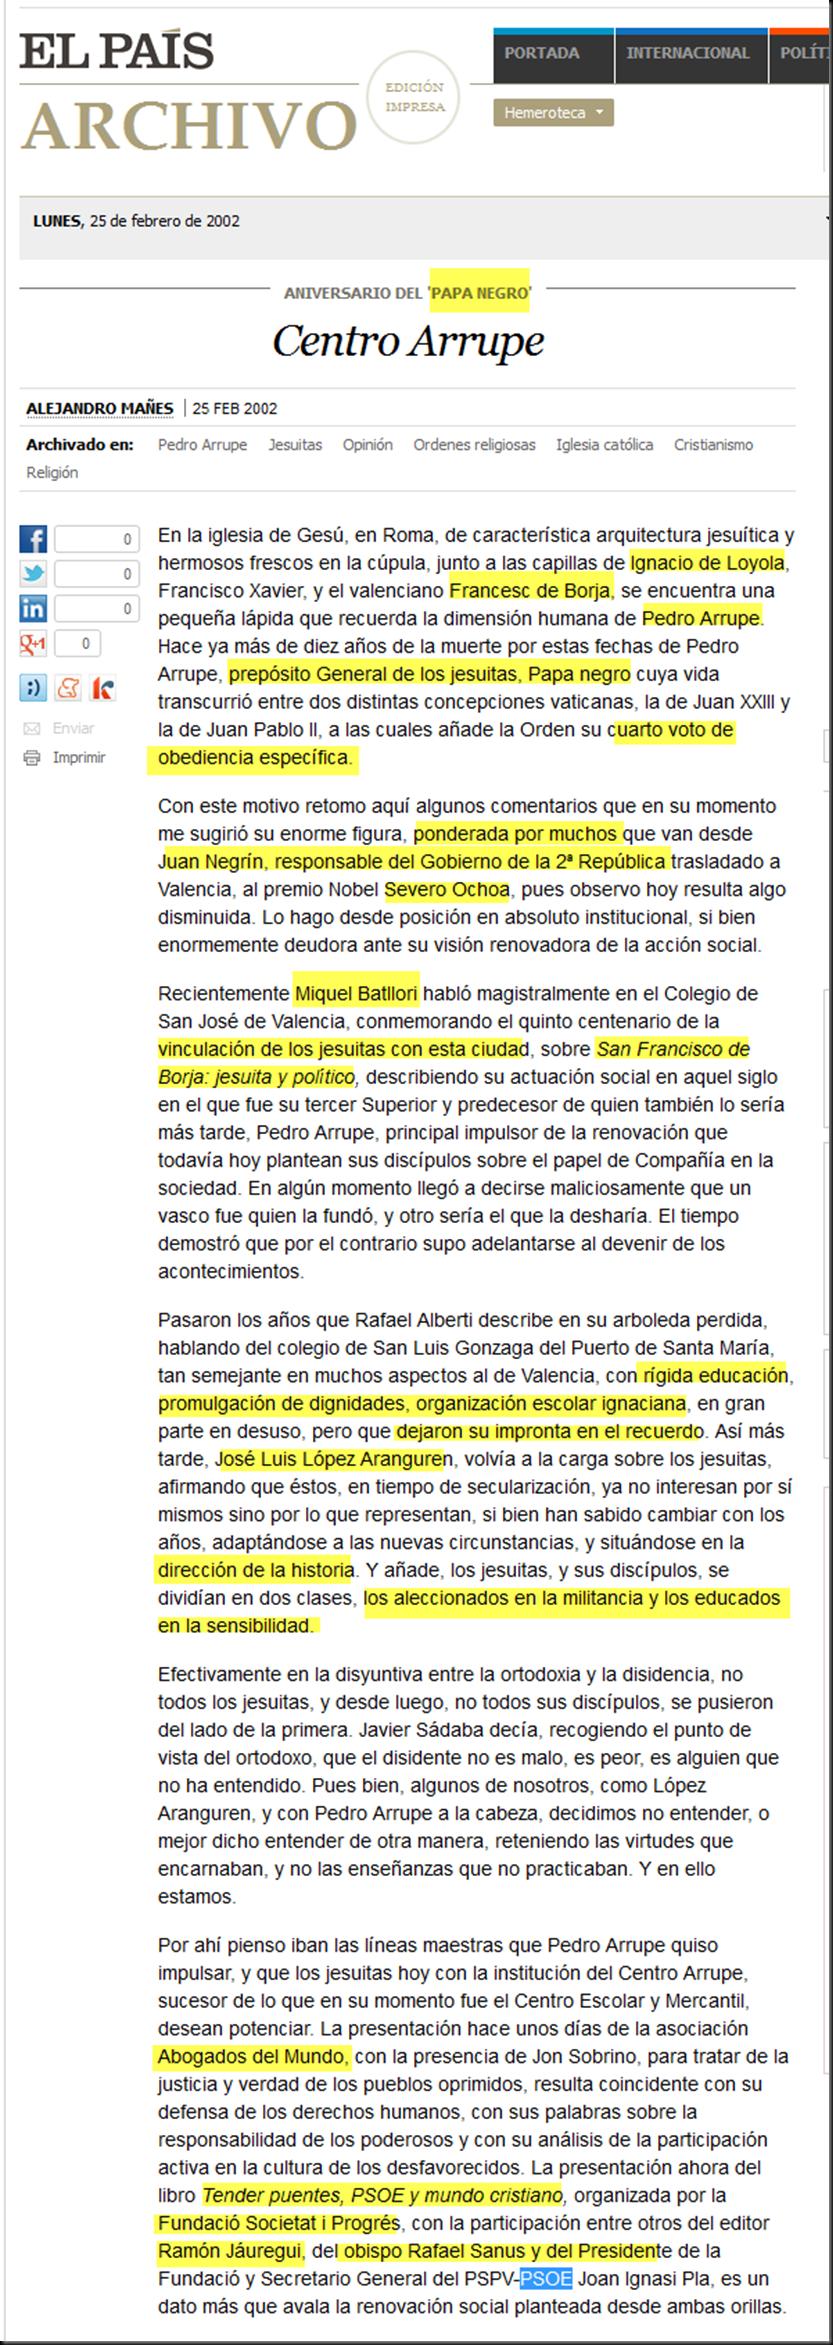 El PSOE y los jesuitas Image_thumb65